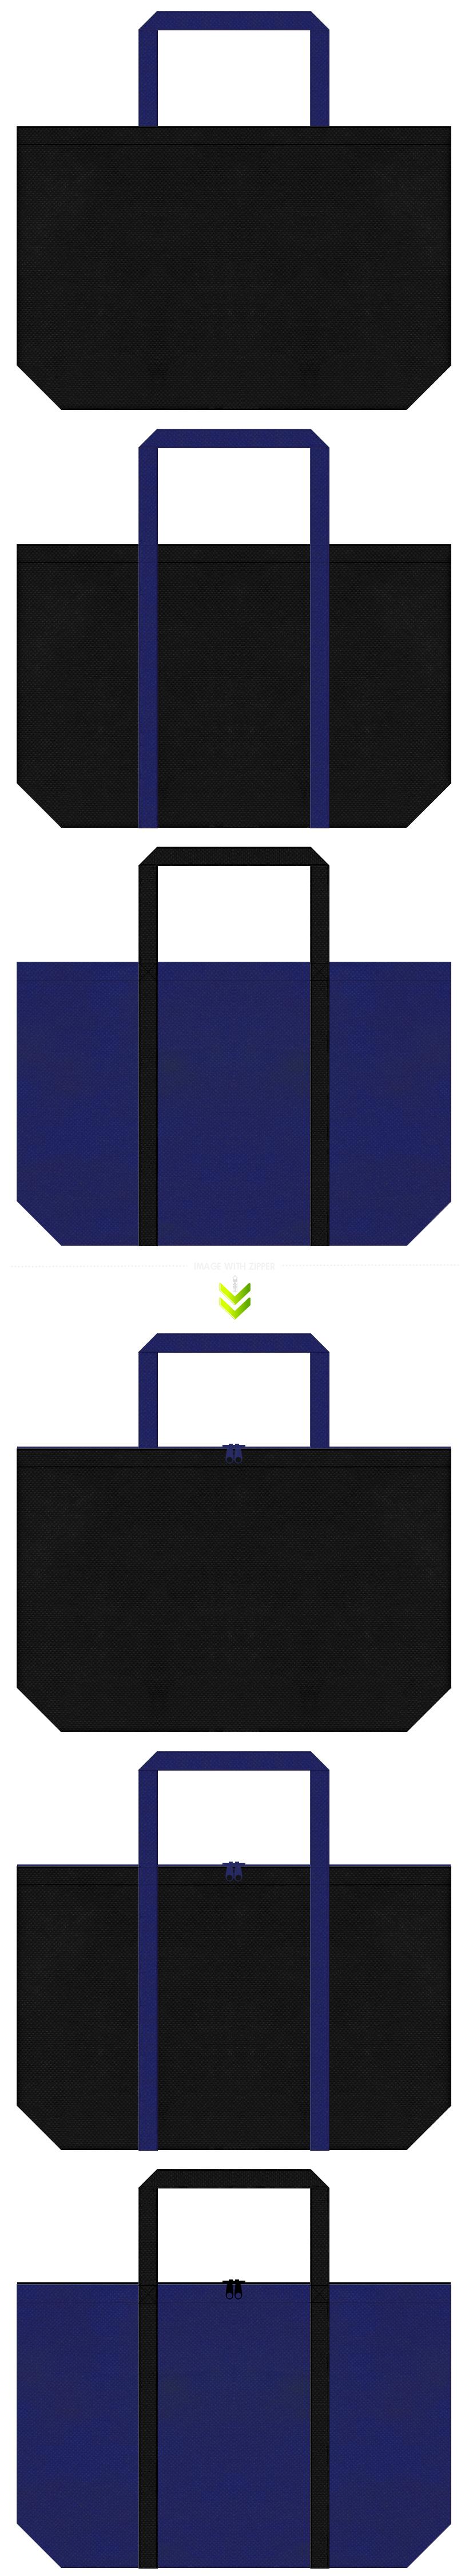 黒色と明るい紺色の不織布エコバッグのデザイン。深海・宇宙・ホラーイメージにお奨めです。